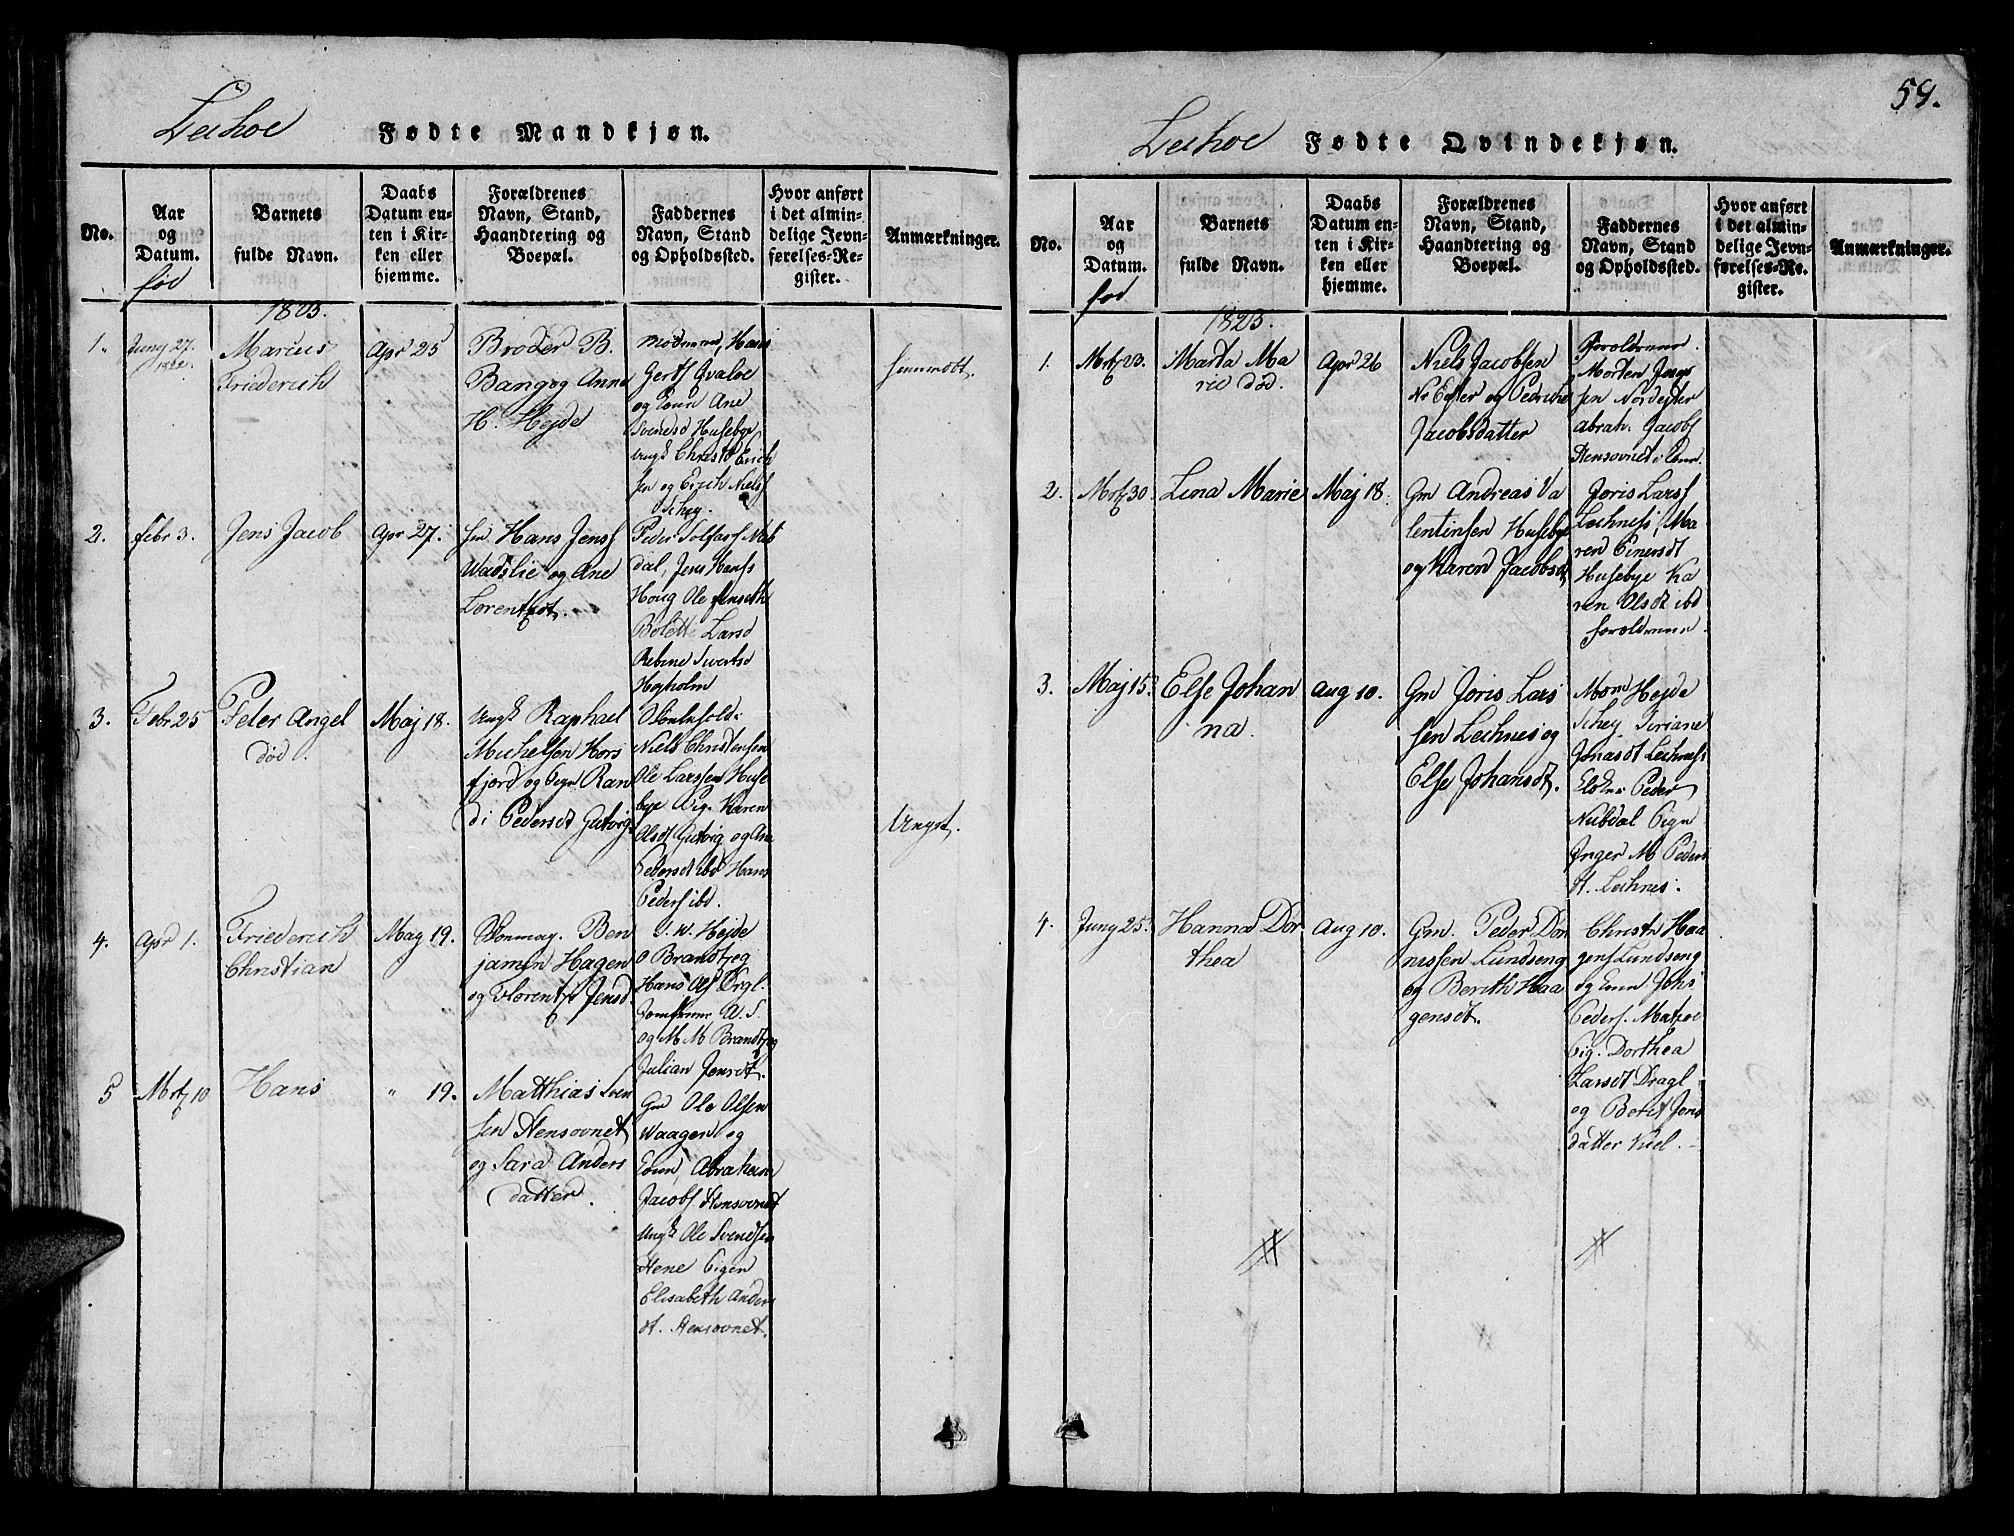 SAT, Ministerialprotokoller, klokkerbøker og fødselsregistre - Nord-Trøndelag, 780/L0648: Klokkerbok nr. 780C01 /2, 1815-1875, s. 59